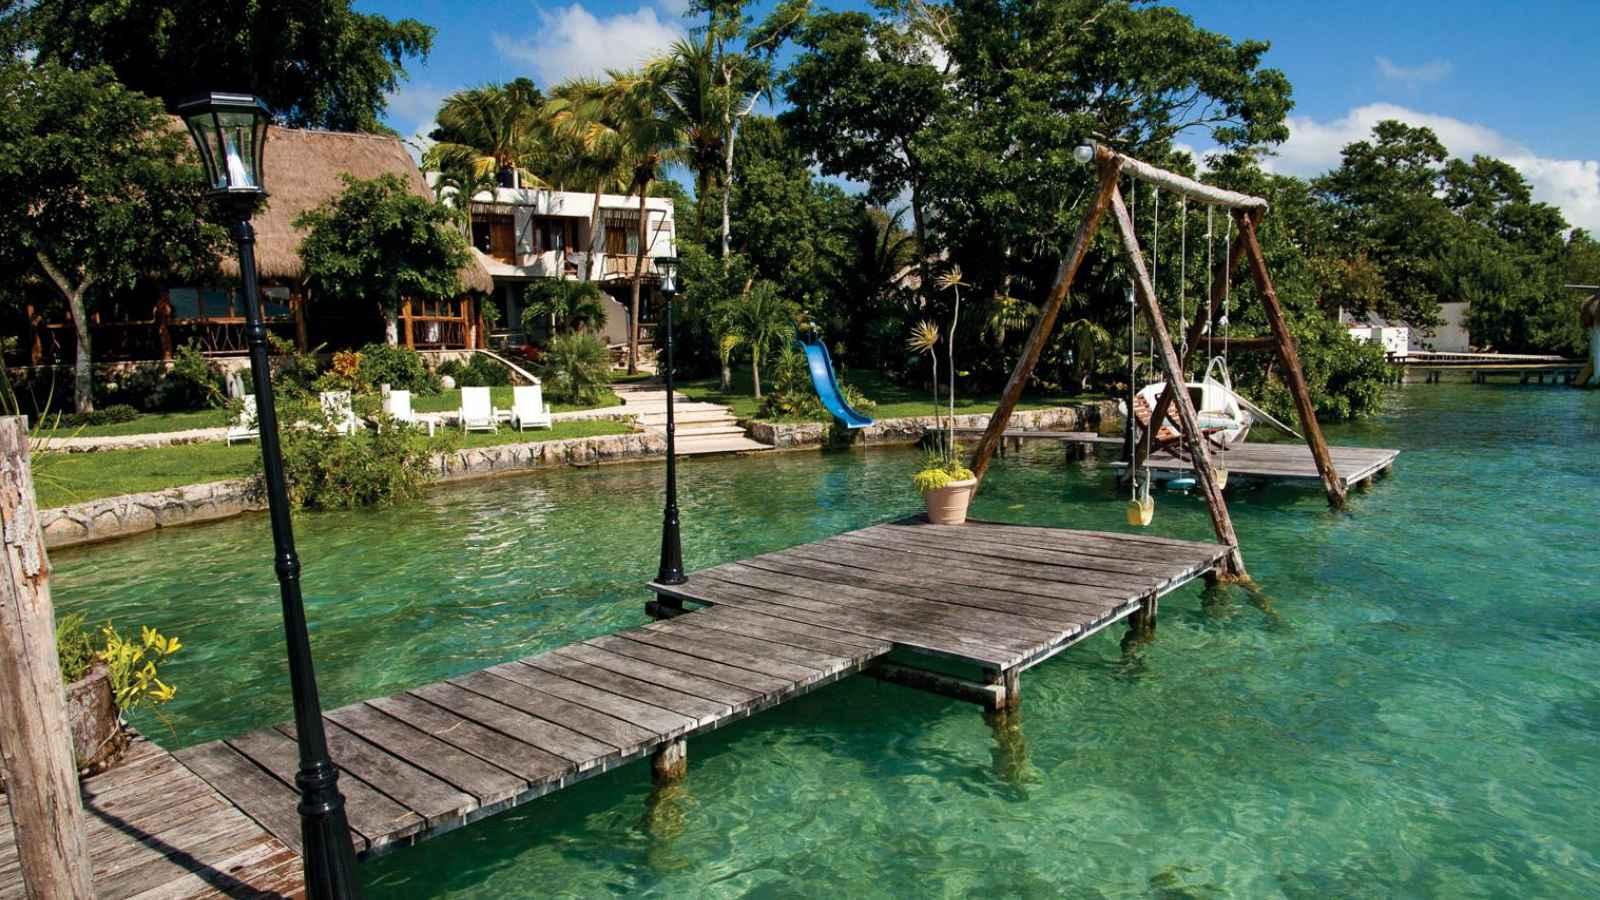 Paquete bacalar y mahahual 2018 rtc427180 for Hotel luxury en bacalar